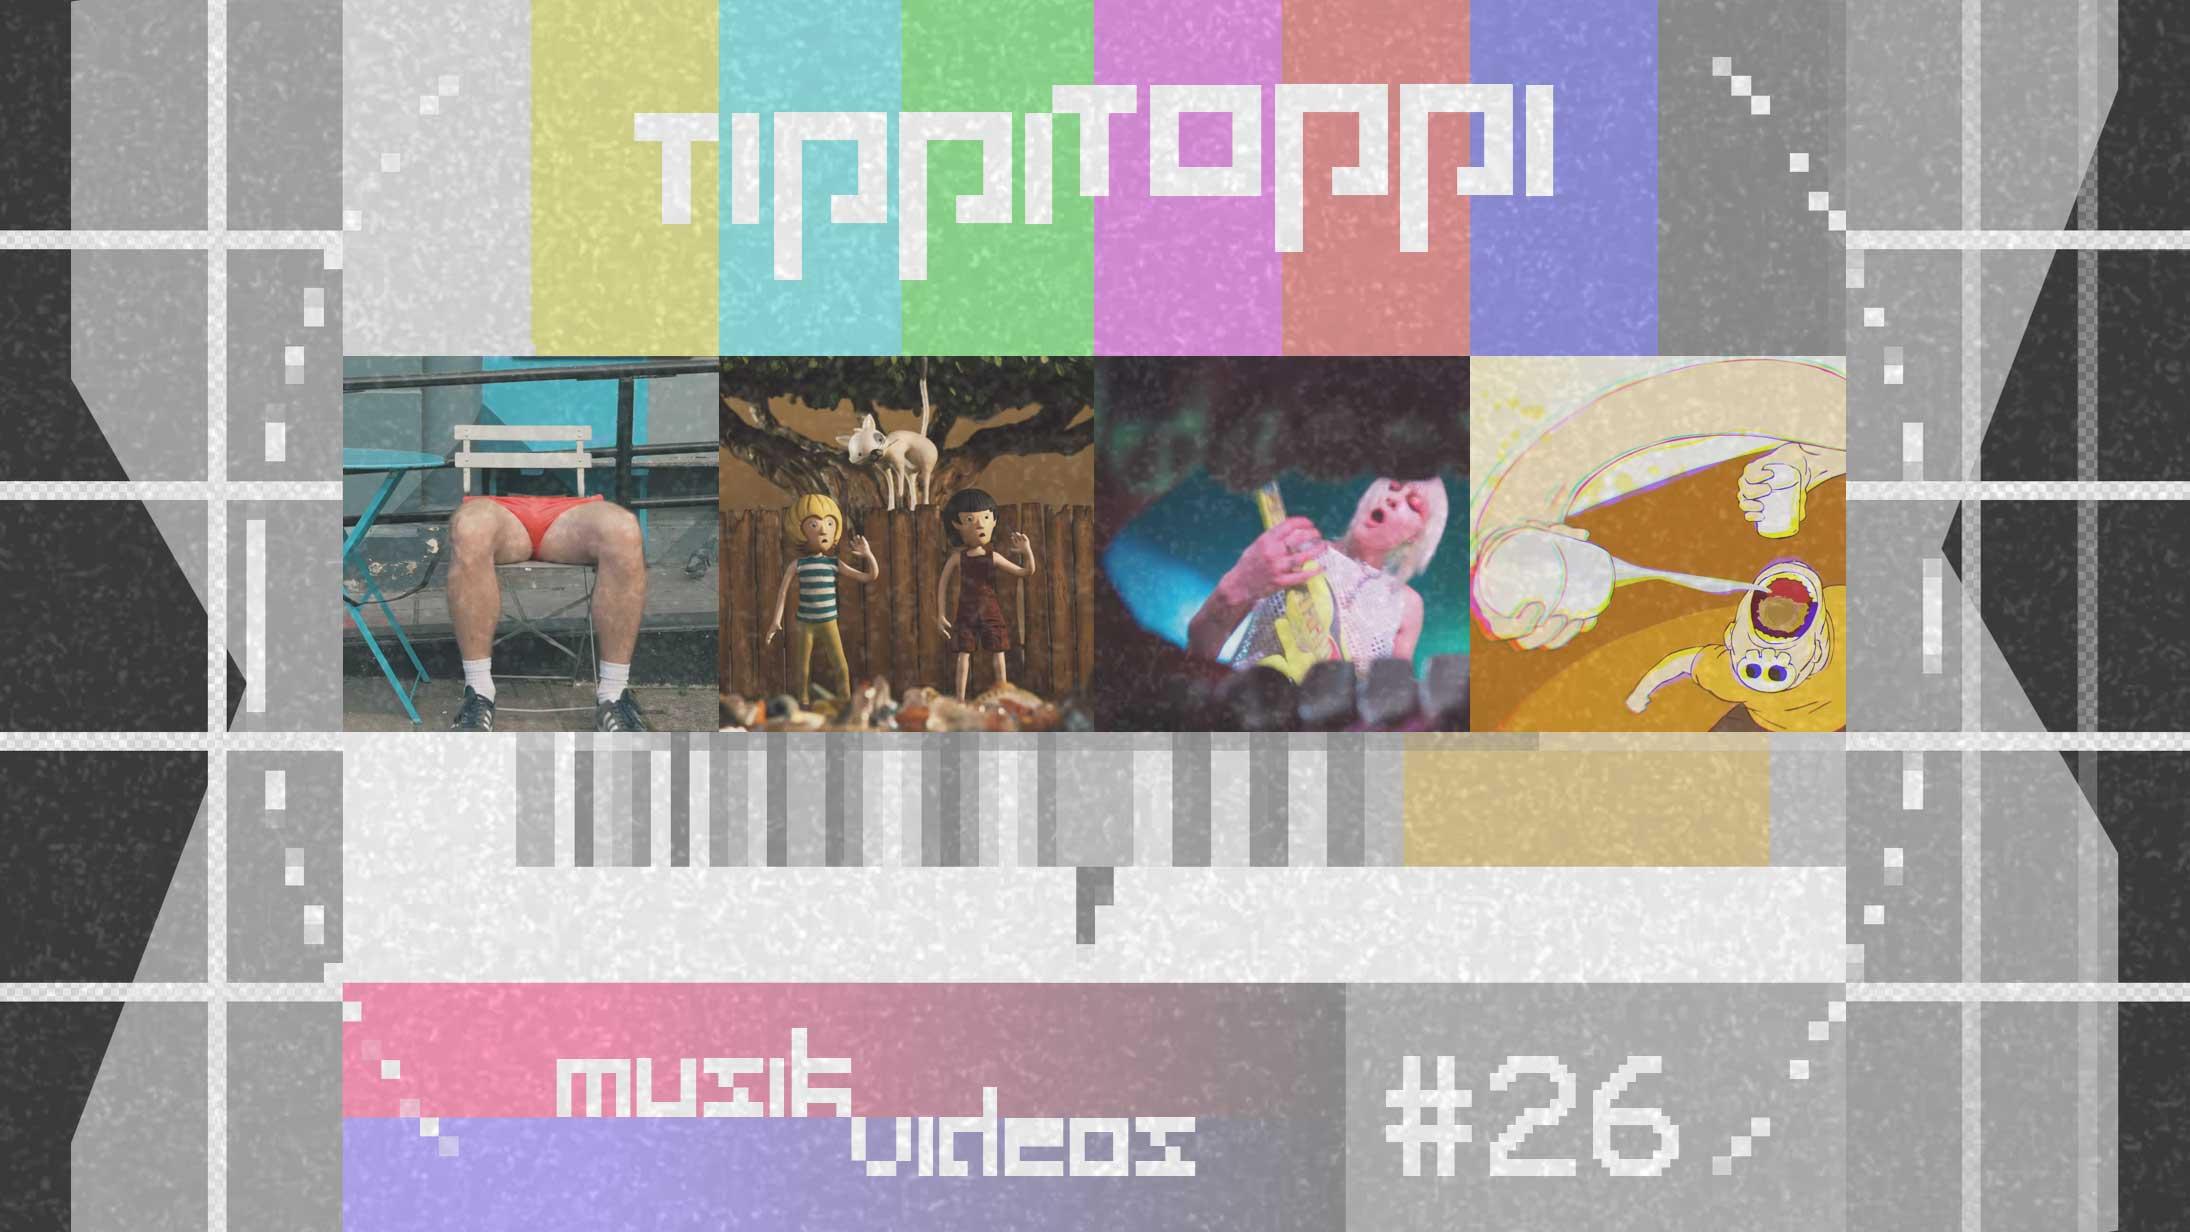 Tippi Toppi Musikvideos Vol. 26 TIPPITOPPI-musikvideos-26_20200613